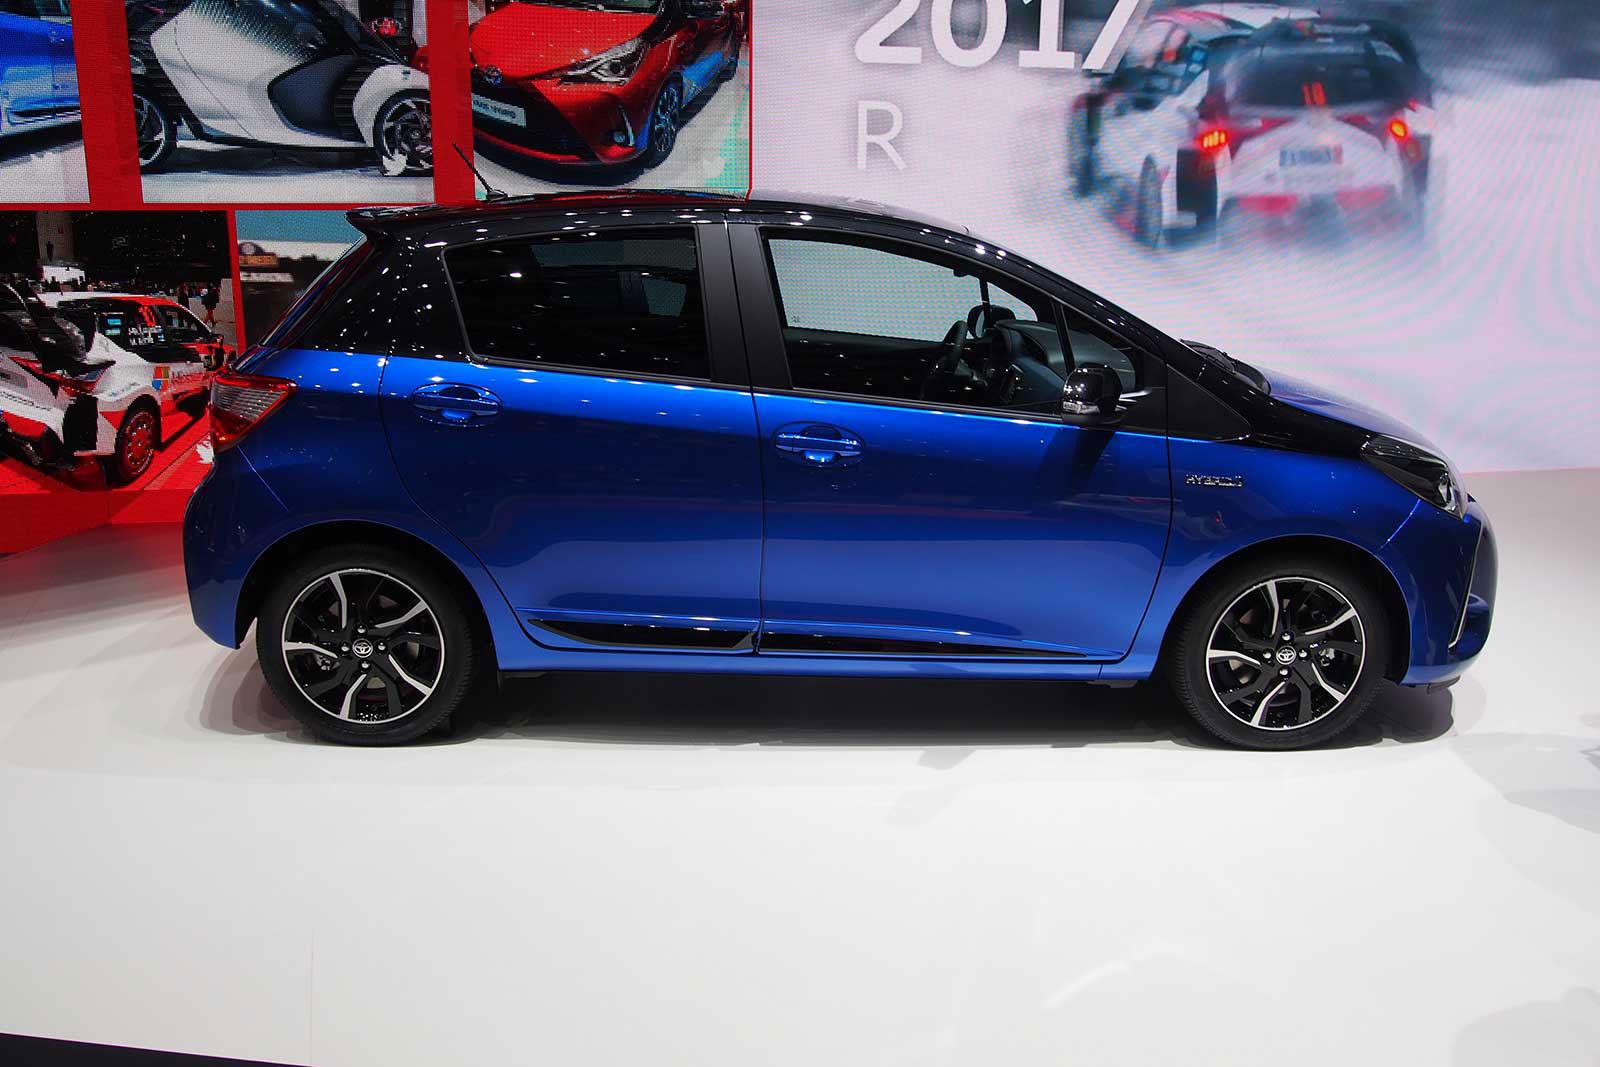 Foto della Toyota Yaris Hybrid 2018 Blue edition dal fianco